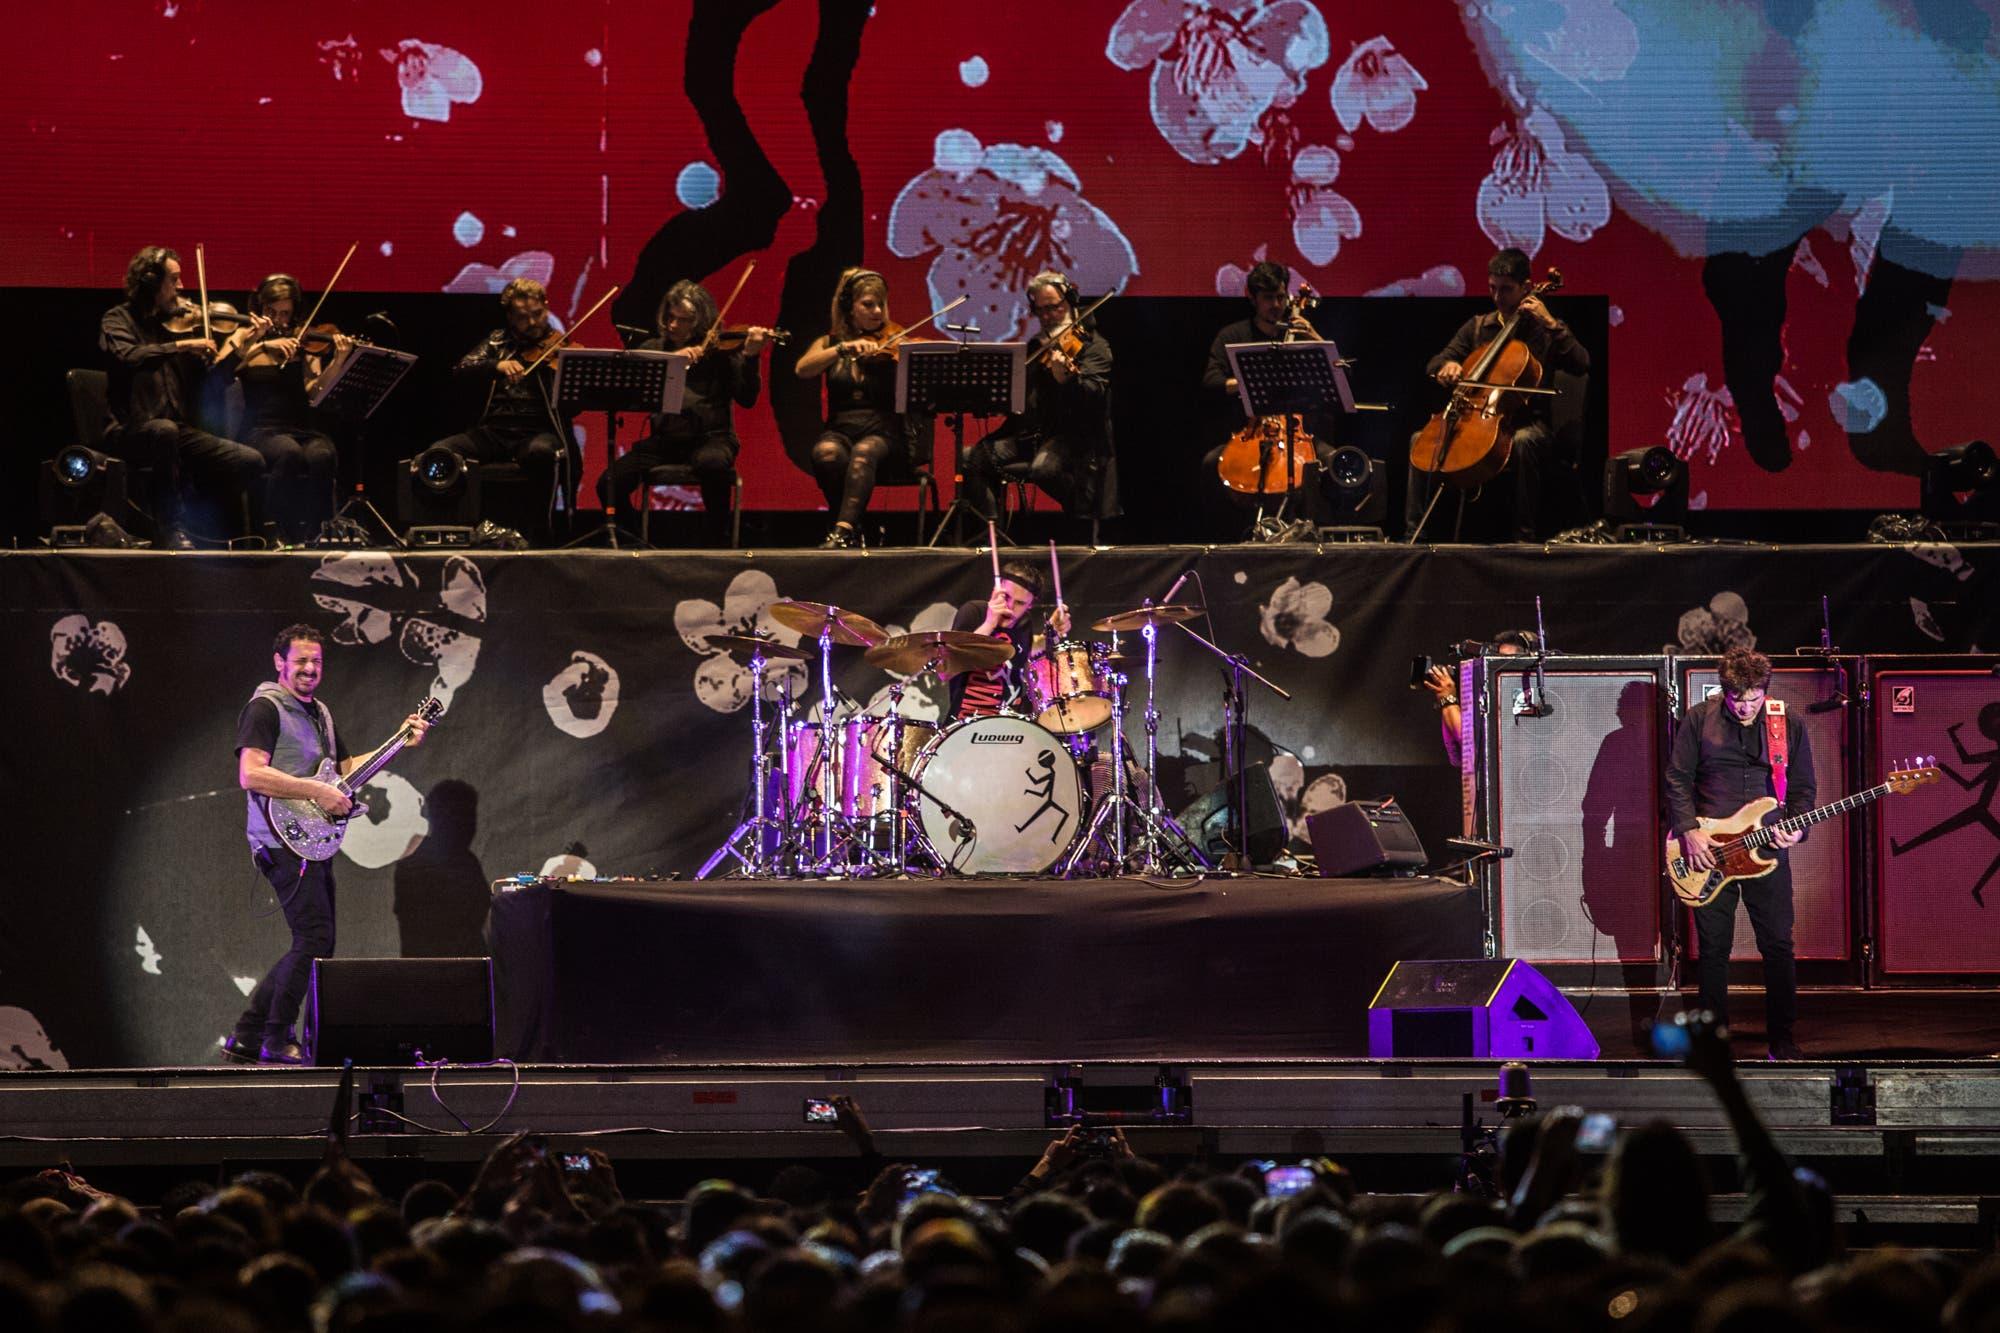 Divididos festejó 30 años de historia en el Hipódromo de Palermo